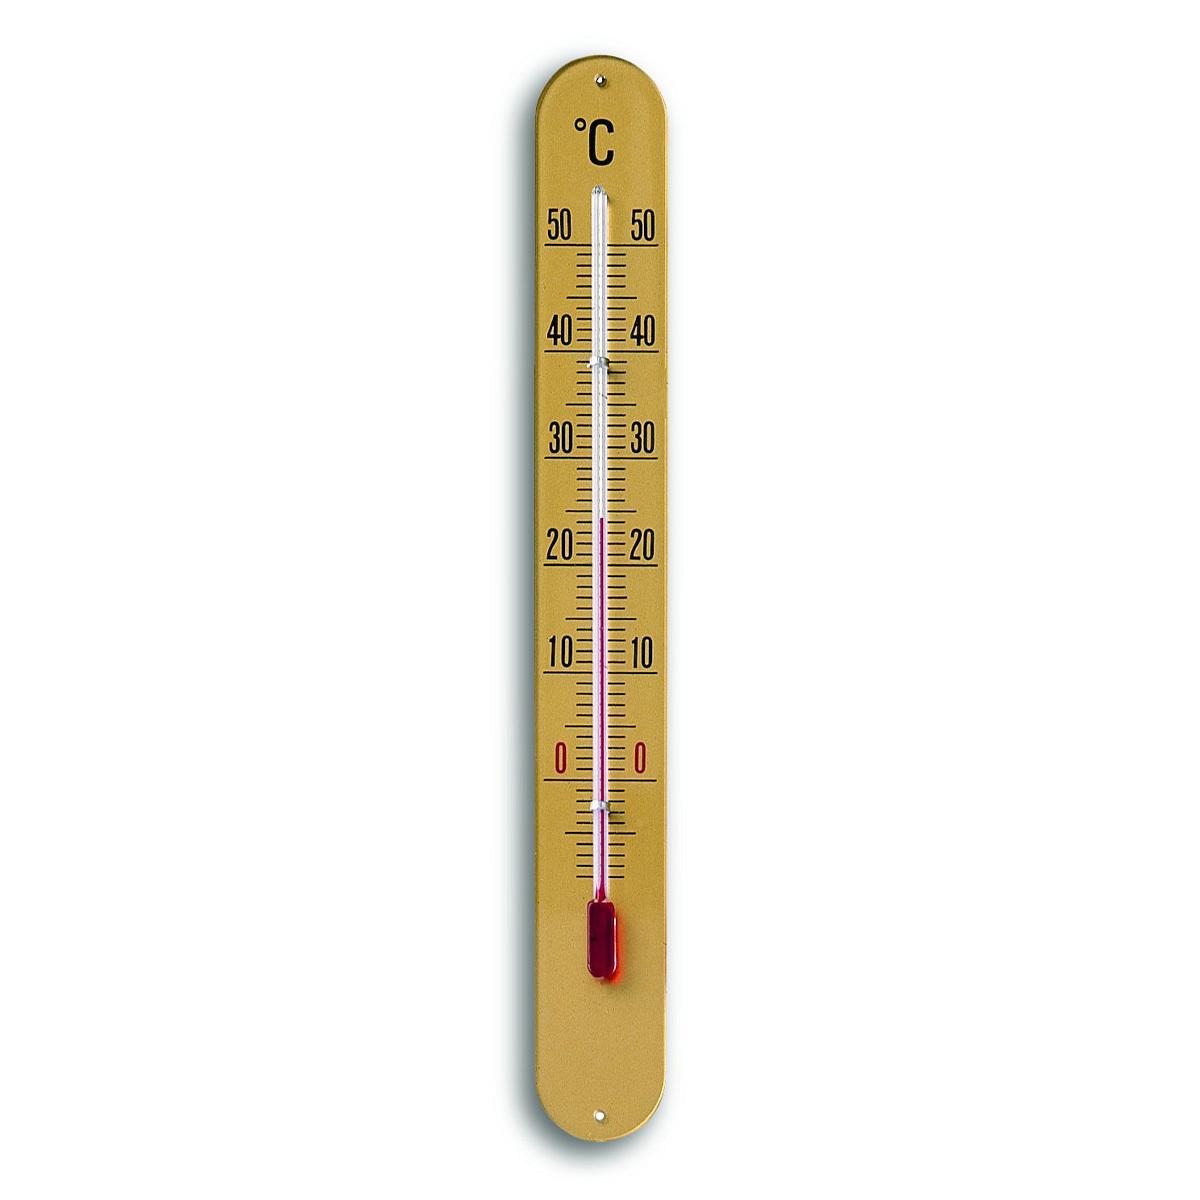 k1-100521-analoges-aufschraubthermometer-1200x1200px.jpg